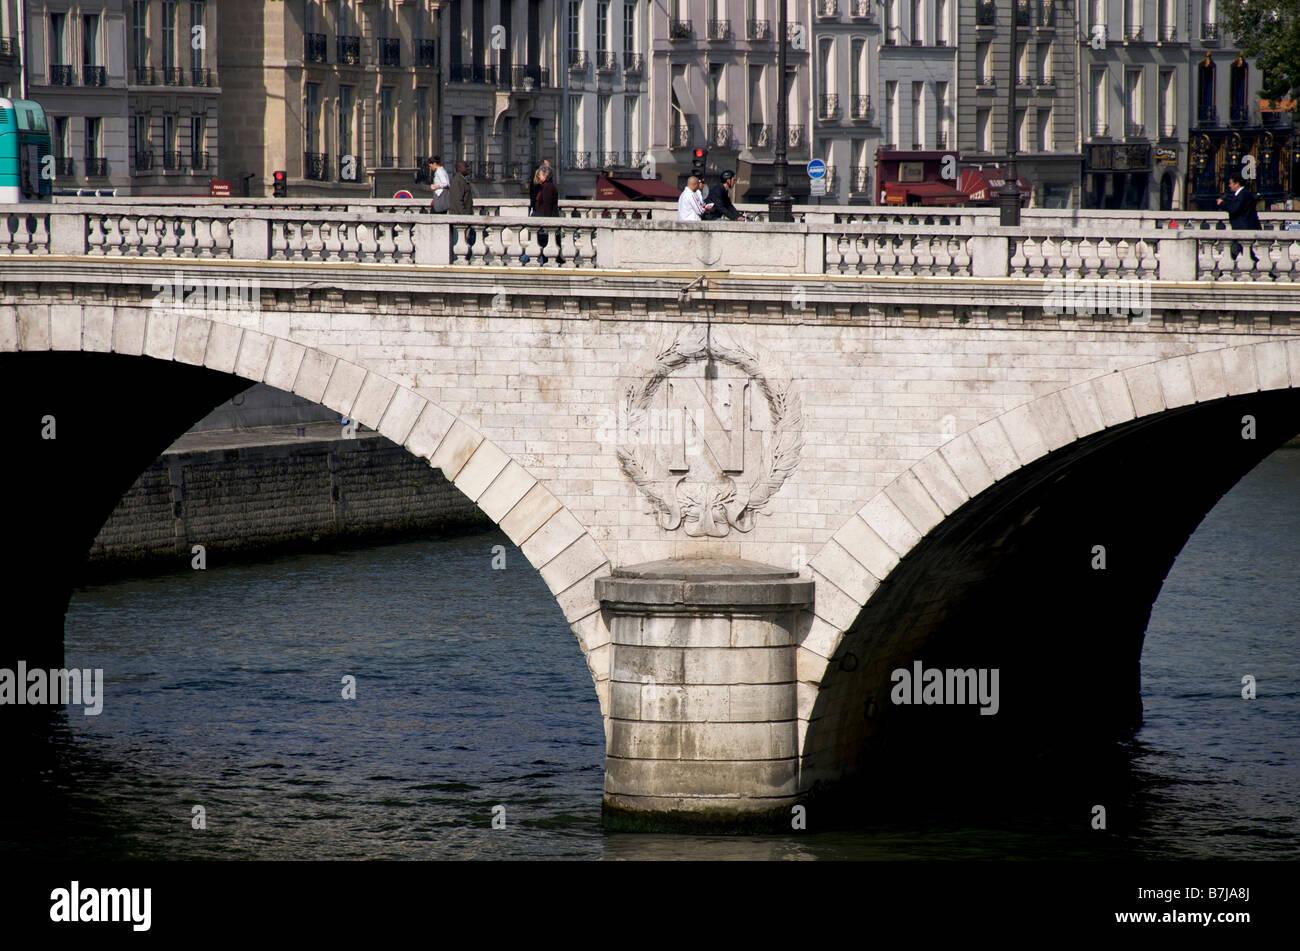 Pont au Change bridge on the Seine river Paris France - Stock Image